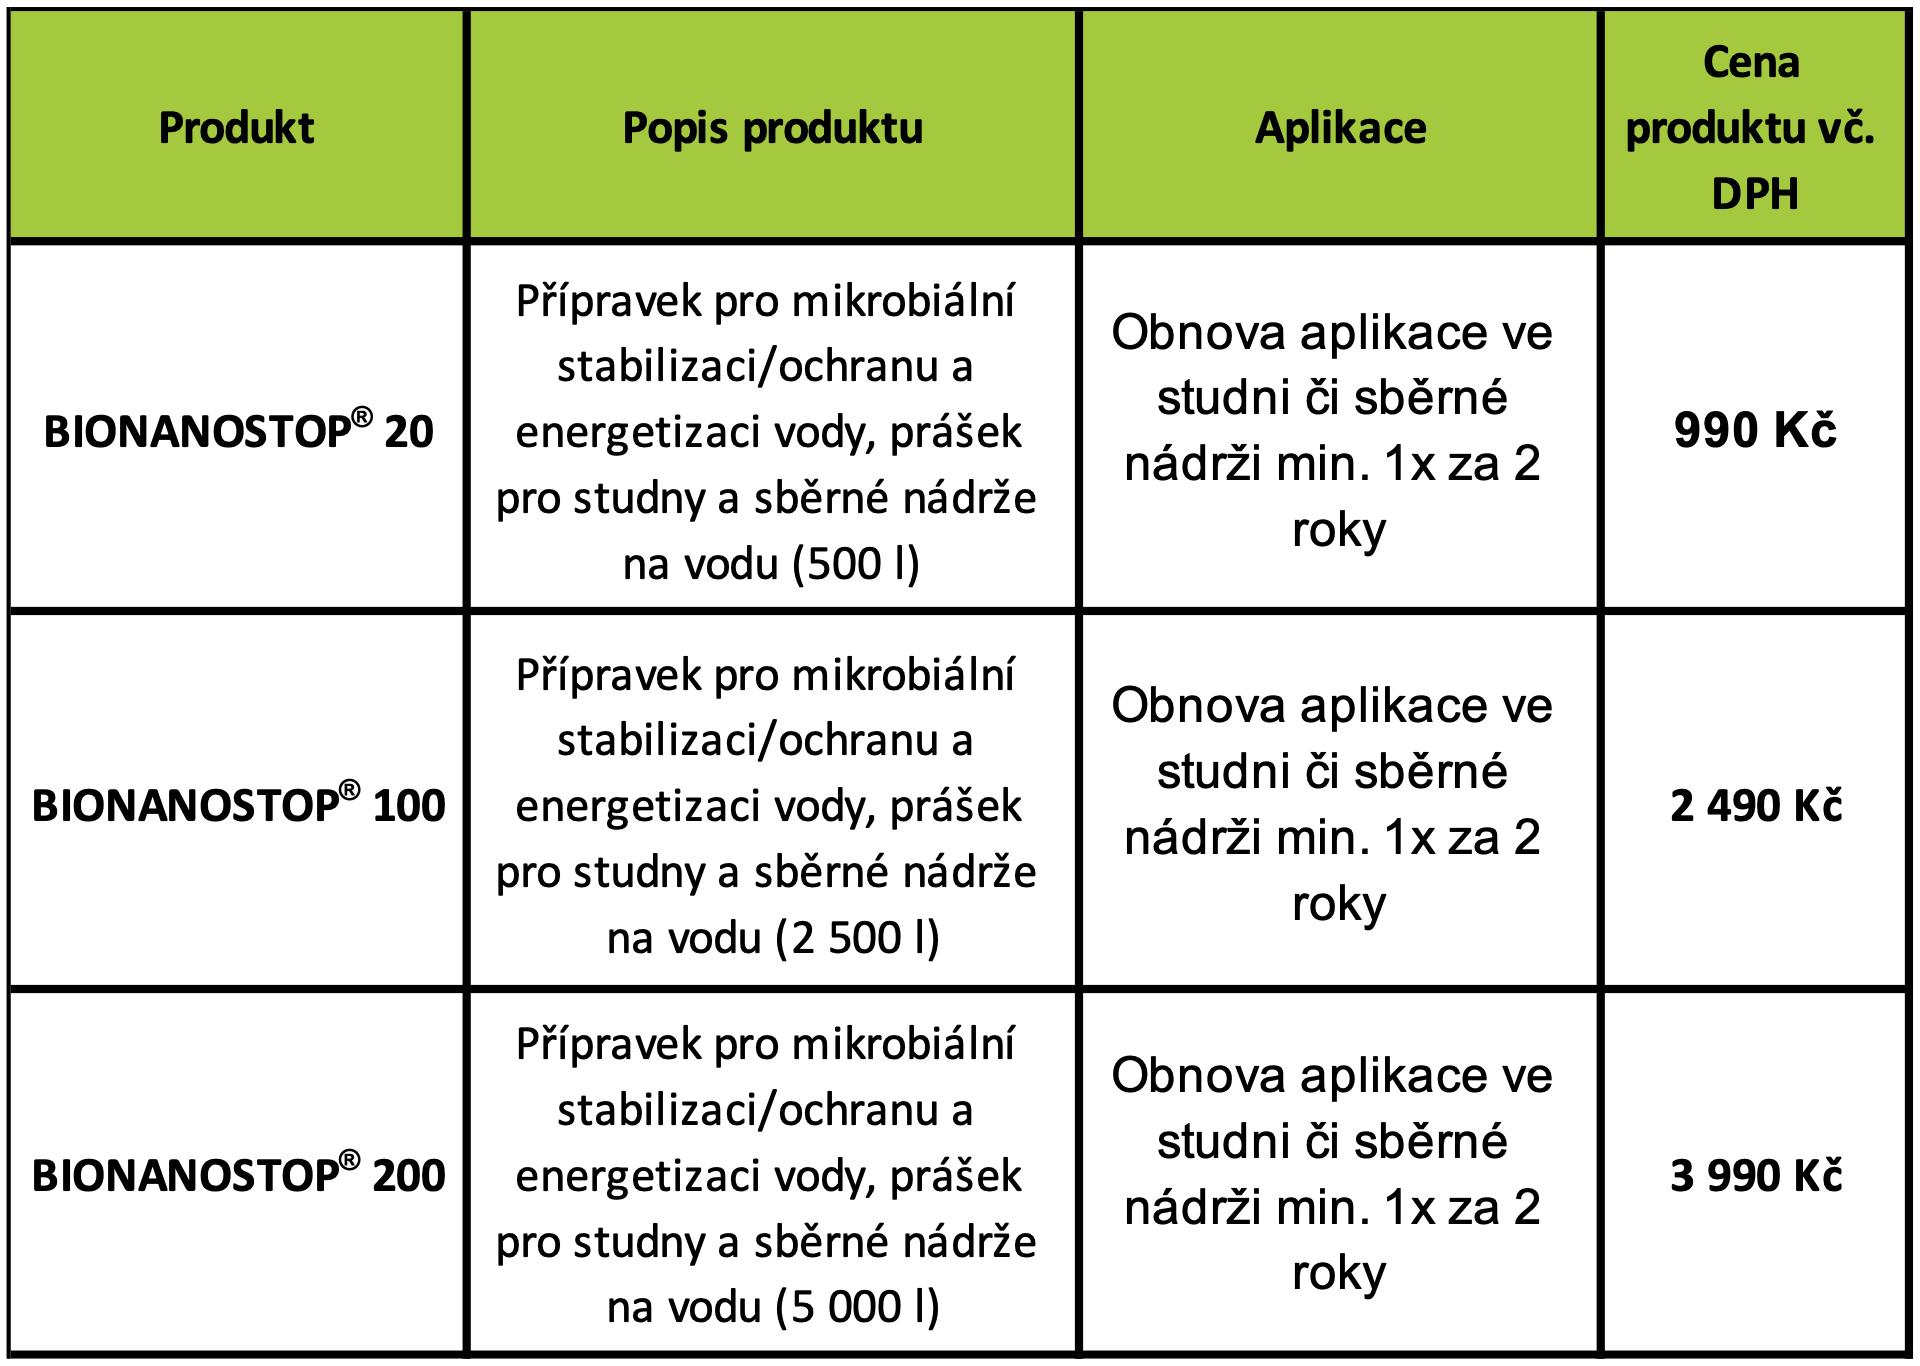 Specifikace produktů a ceník 2